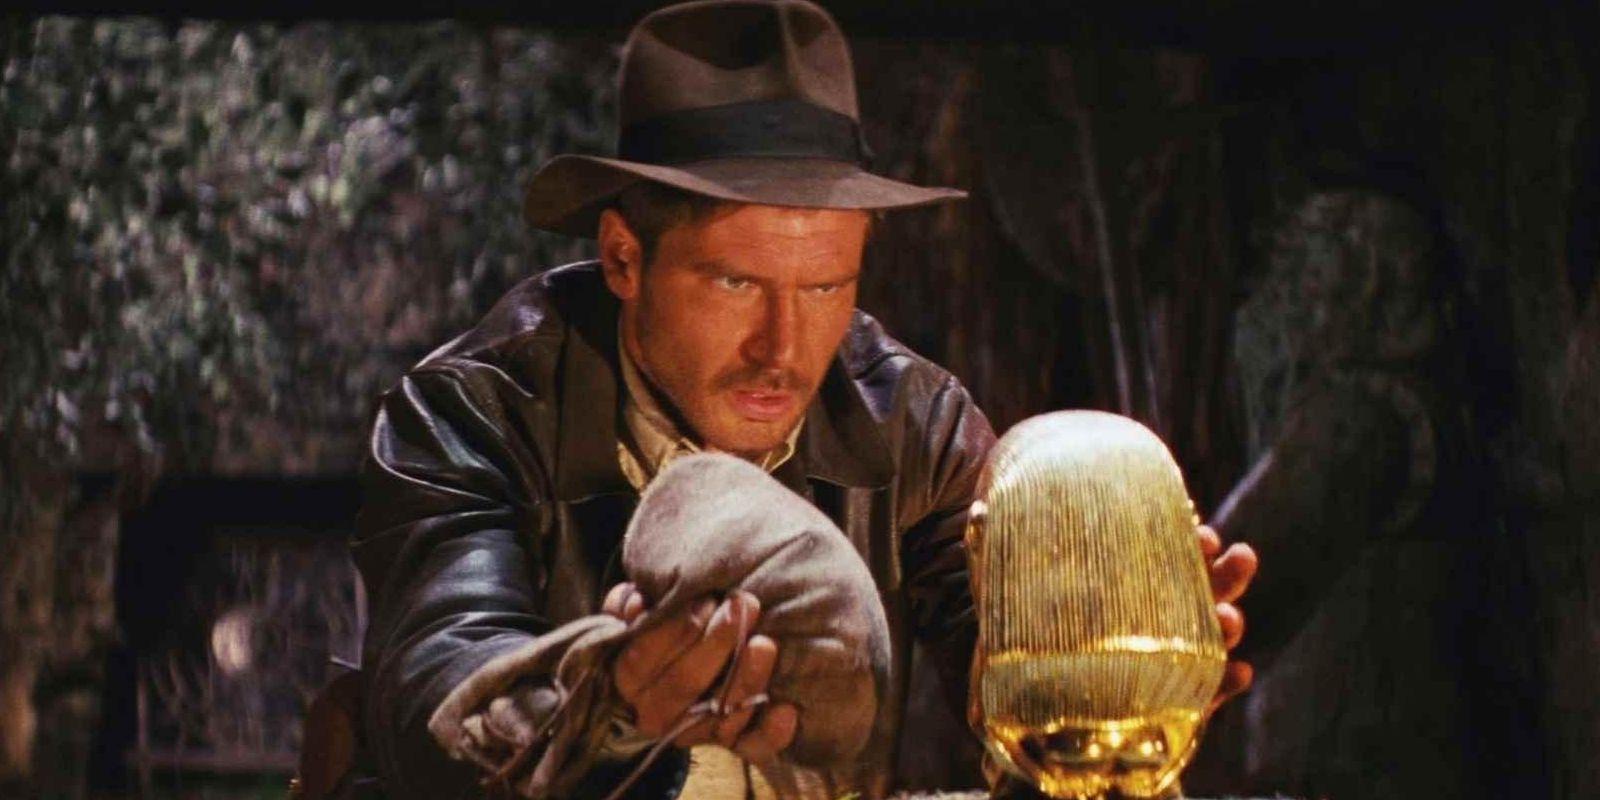 Com Willow - Na Terra da Magia indo para Disney + Indiana Jones deve seguir o exemplo 1